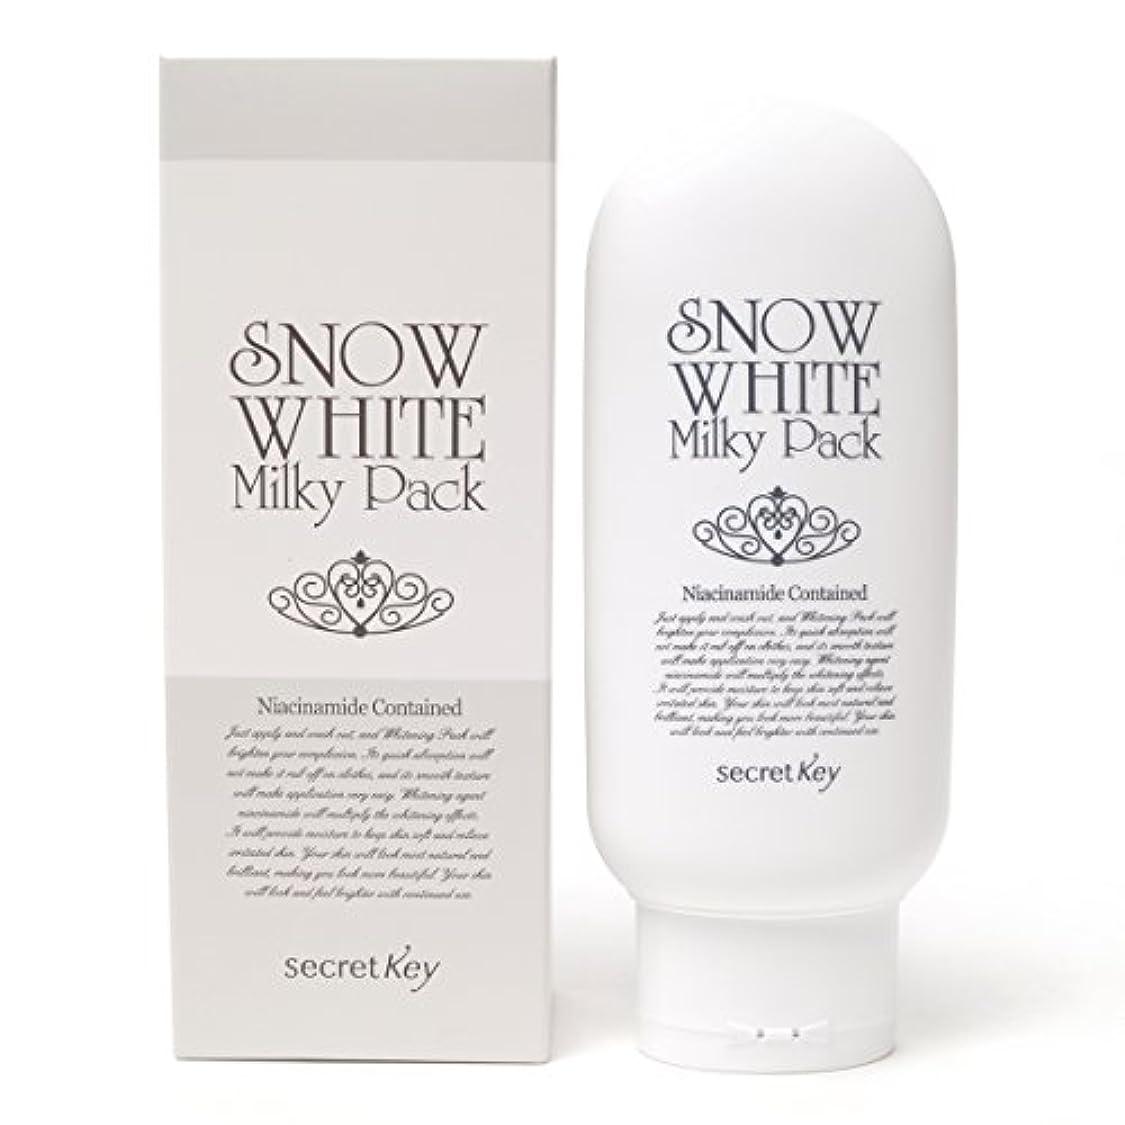 魂ジャケットクローンSecret key シークレッドキー スノー?ホワイト?ミルキー?パック 200g (Snow White Milky Pack) 海外直送品